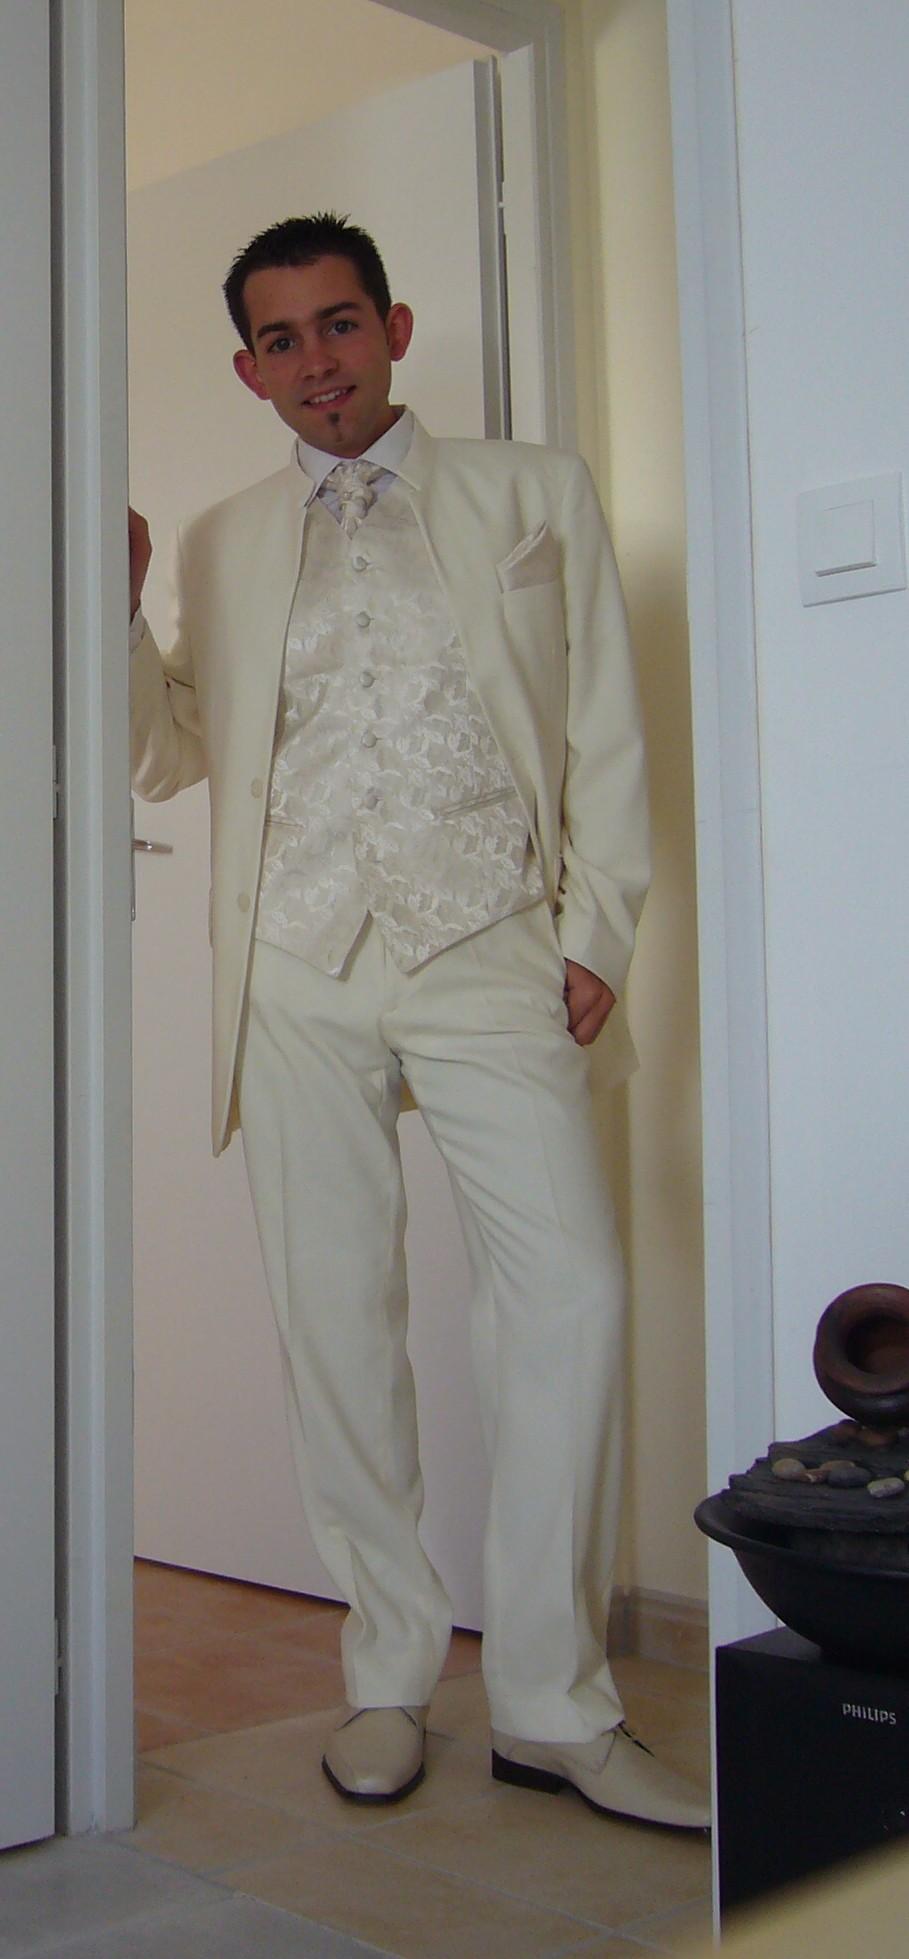 comme dhabitude un peu larrache romain achte son costume la dernire minute le jour de lenterrement de vie de garon - Costume Mariage Blanc Cass